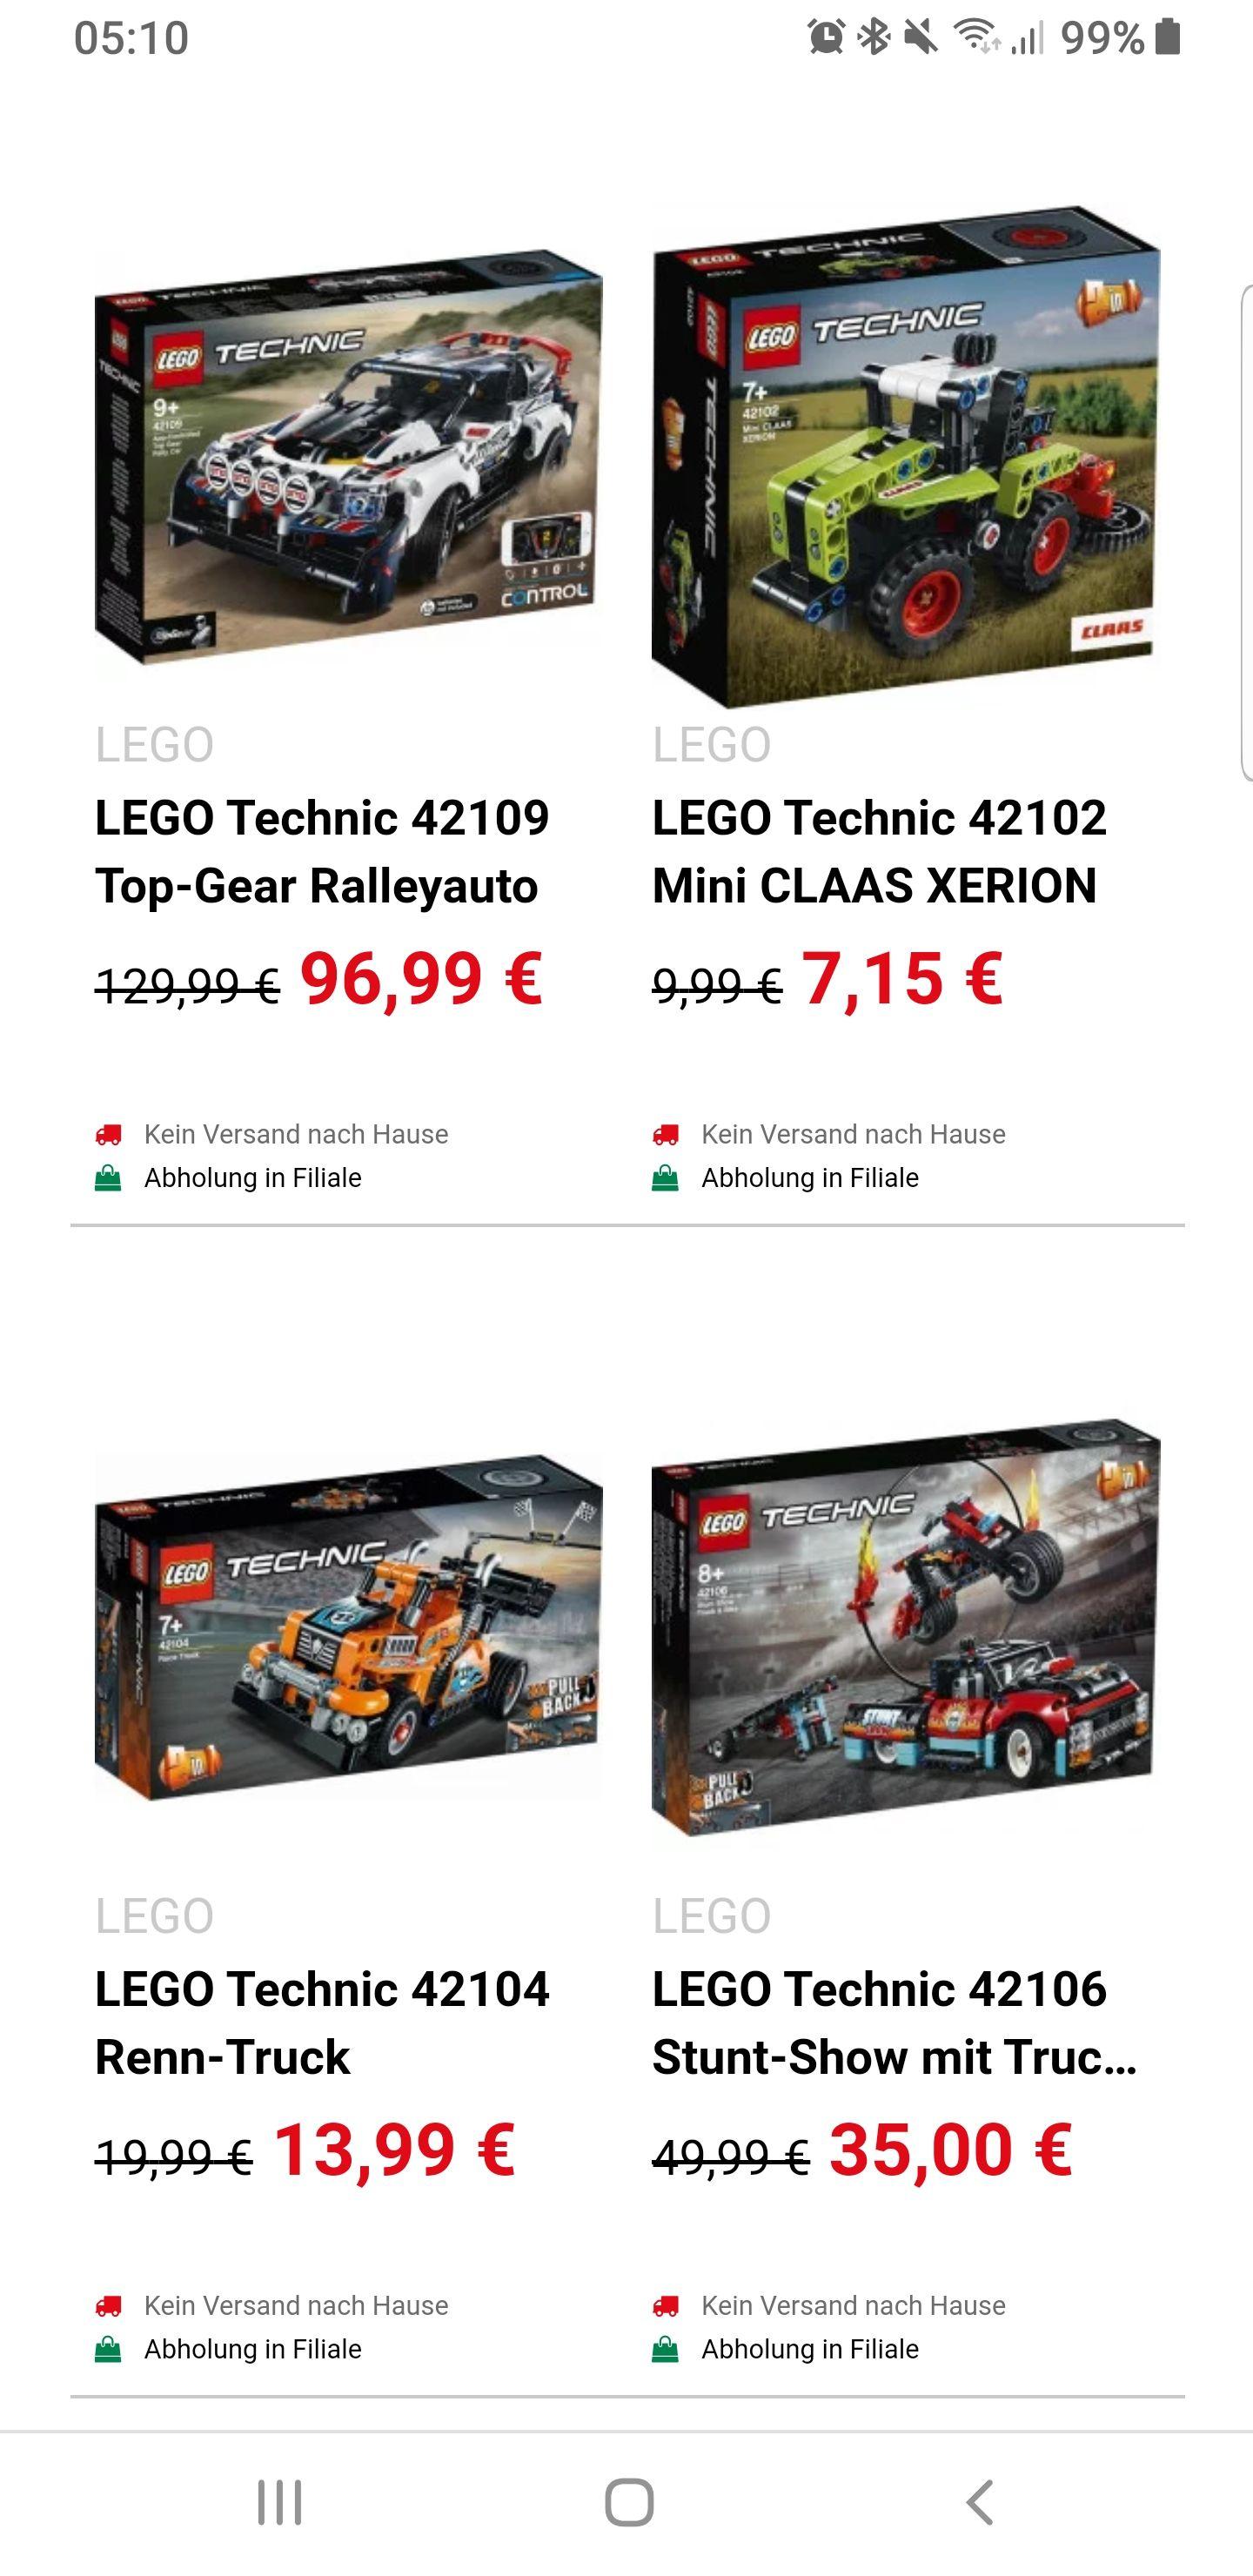 Lego Technic Angebote bei Spielemax, z.B. 42102